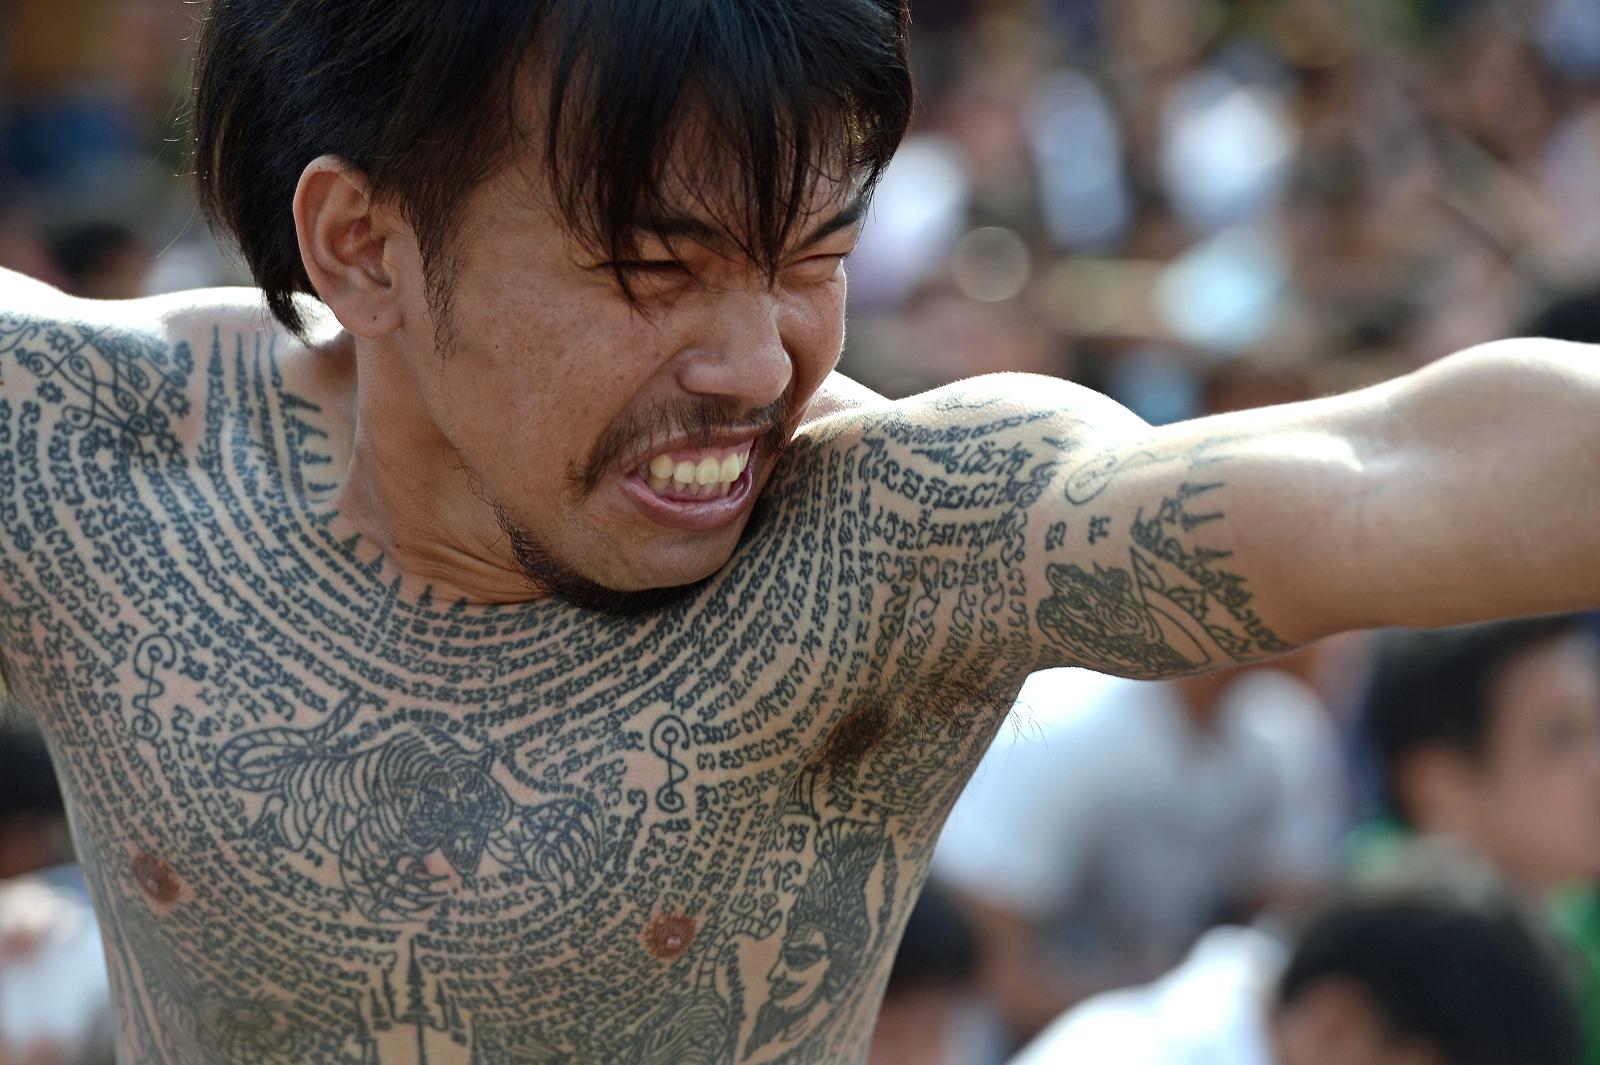 Getting inked at Thailand&#39;s <b>Sak Yant</b> Festival   CNN Travel